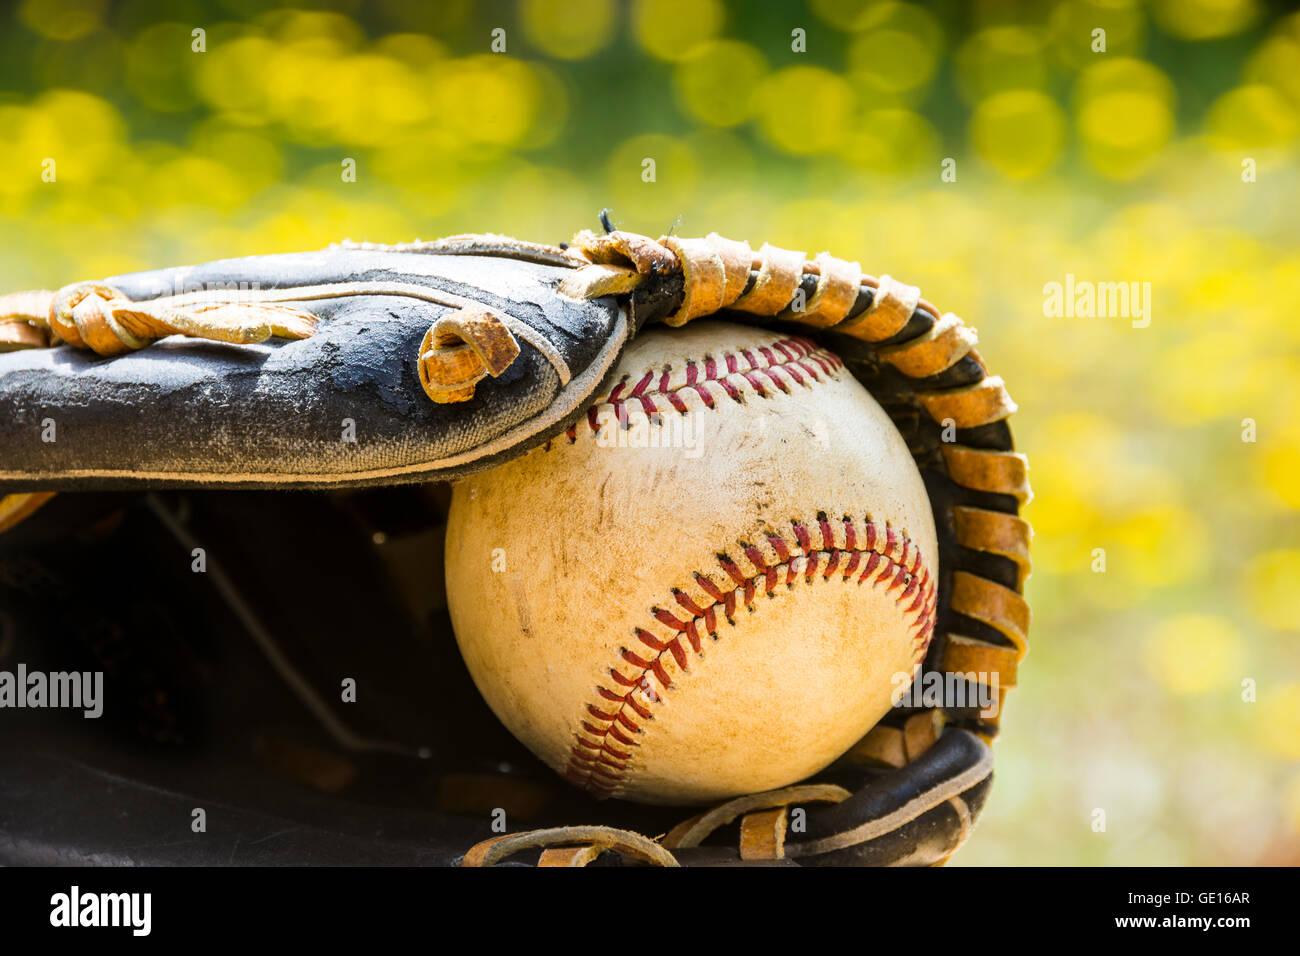 Un vecchio usurato baseball appoggiata all'interno di un vecchio Guanto baseball contro colorato sfondo d'estate. Immagini Stock